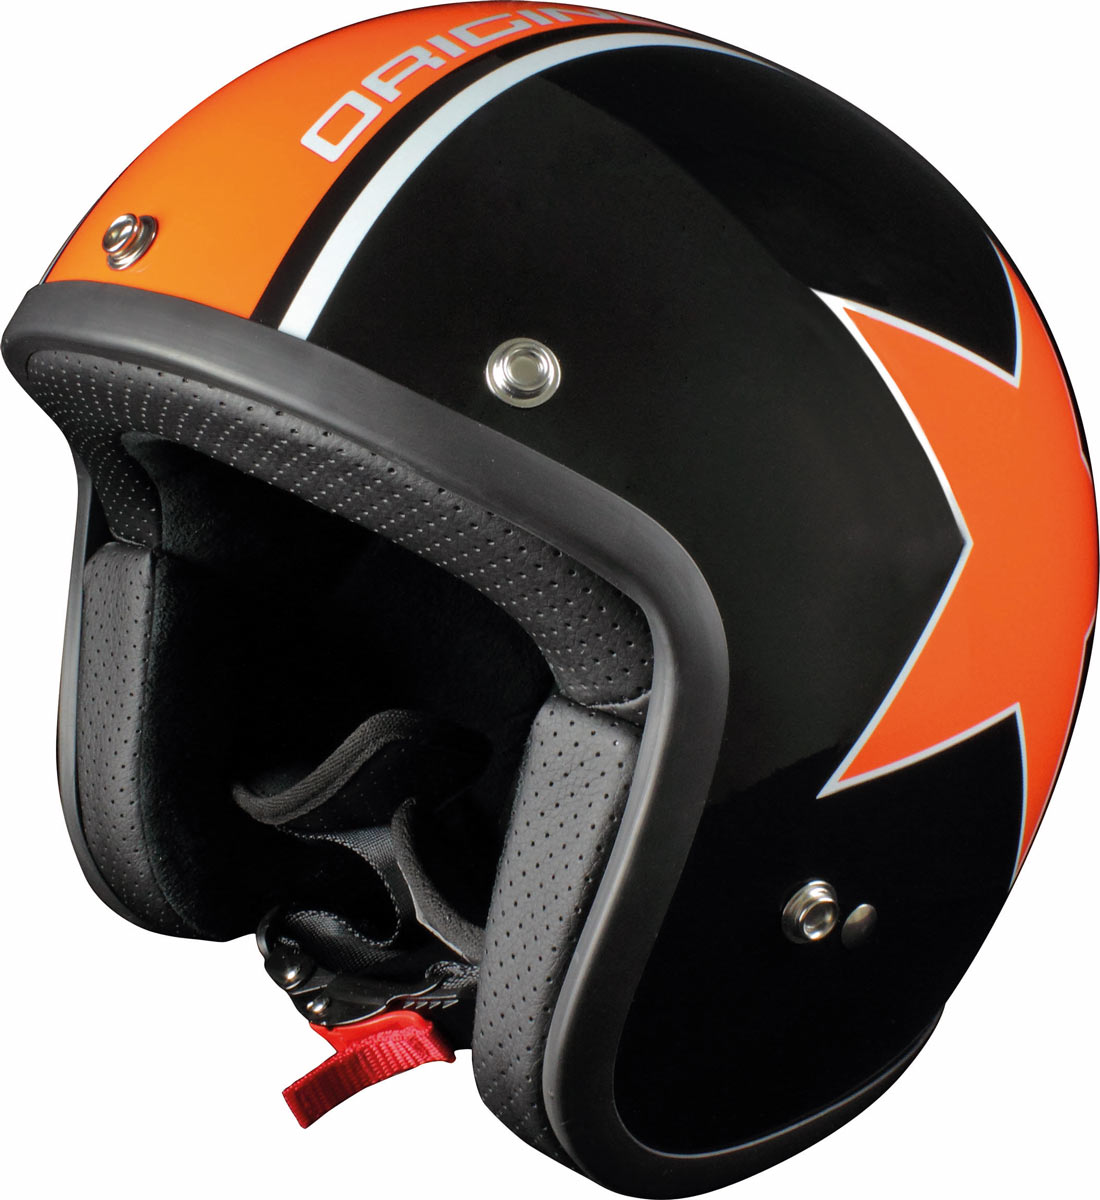 Casque scooter : la conduite doit être exemplaire